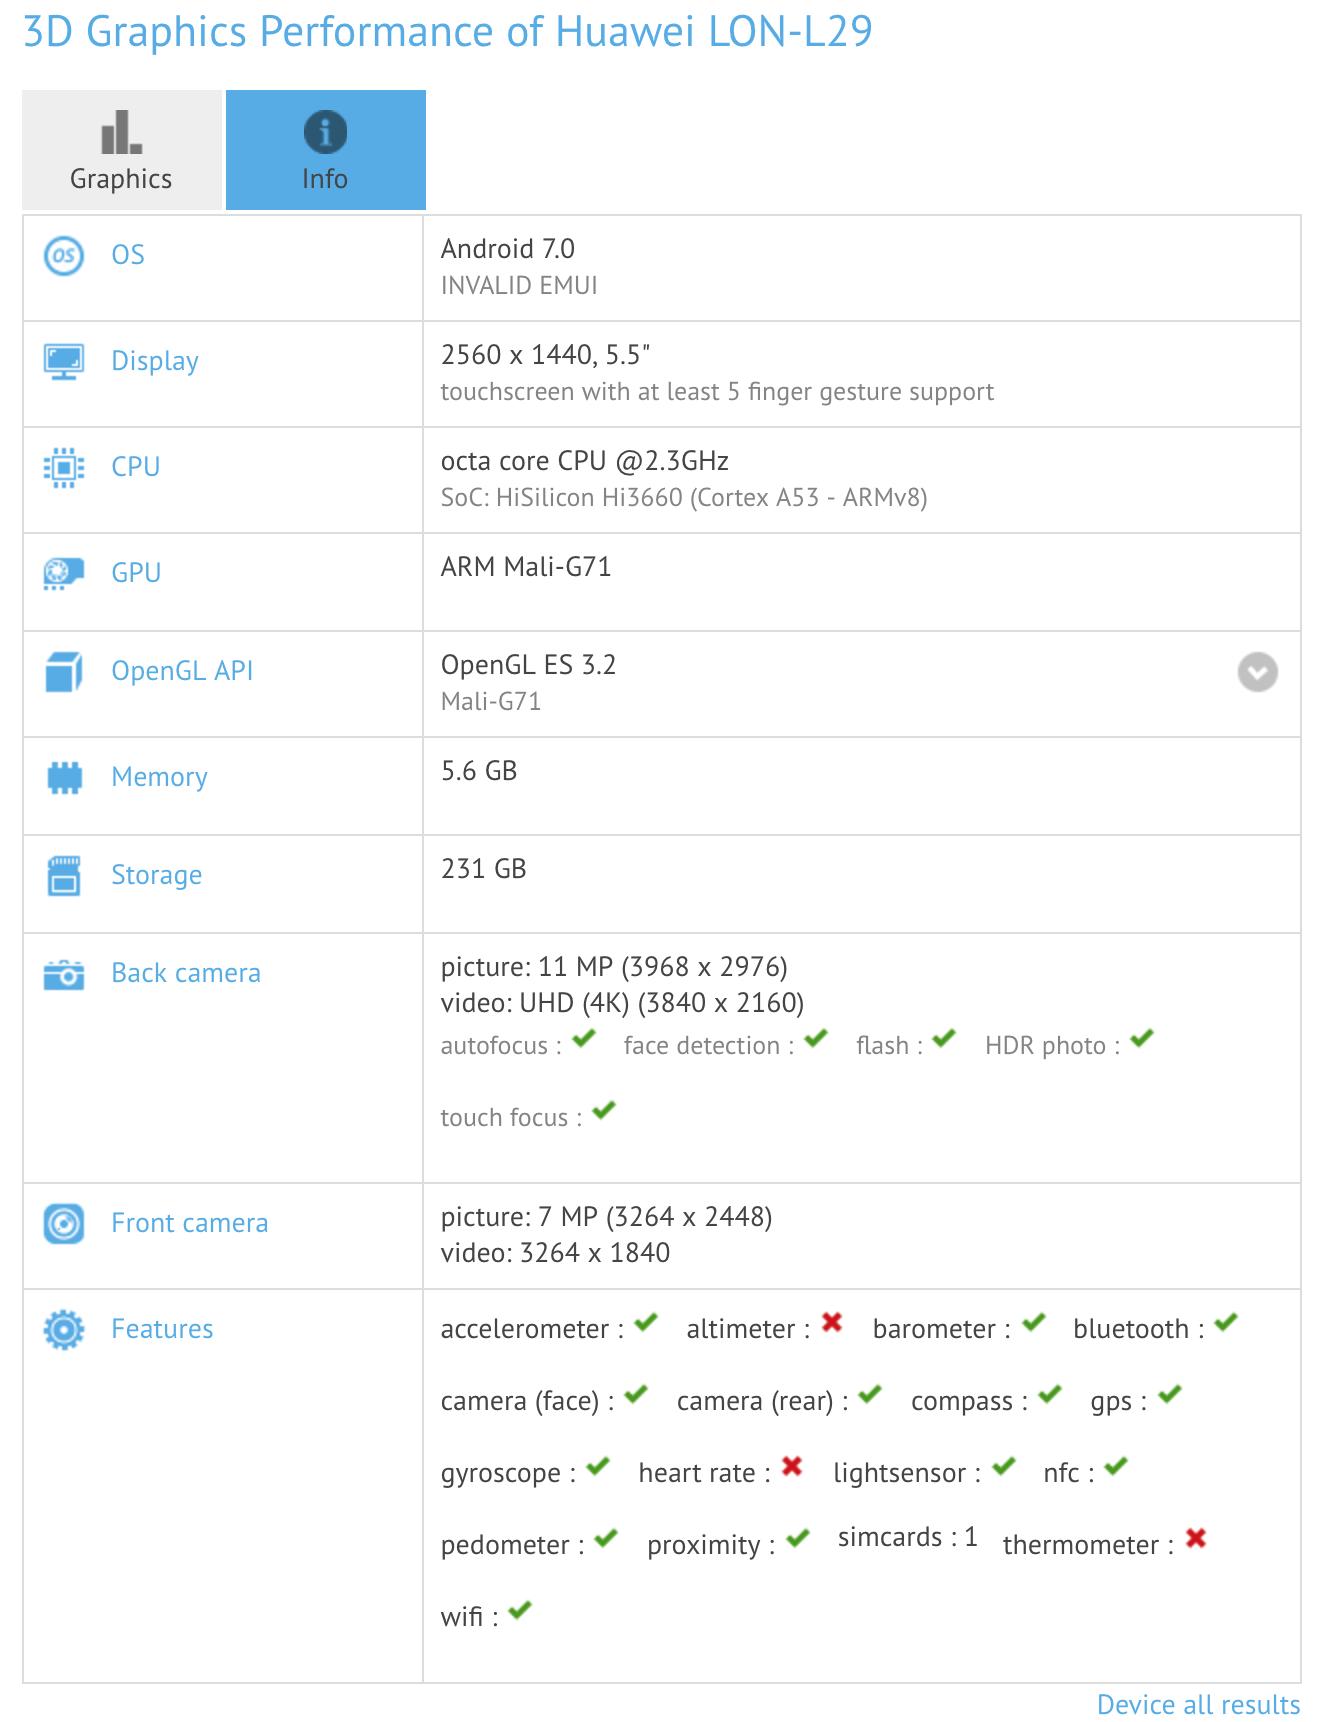 GFX benchmark per Huawei P10